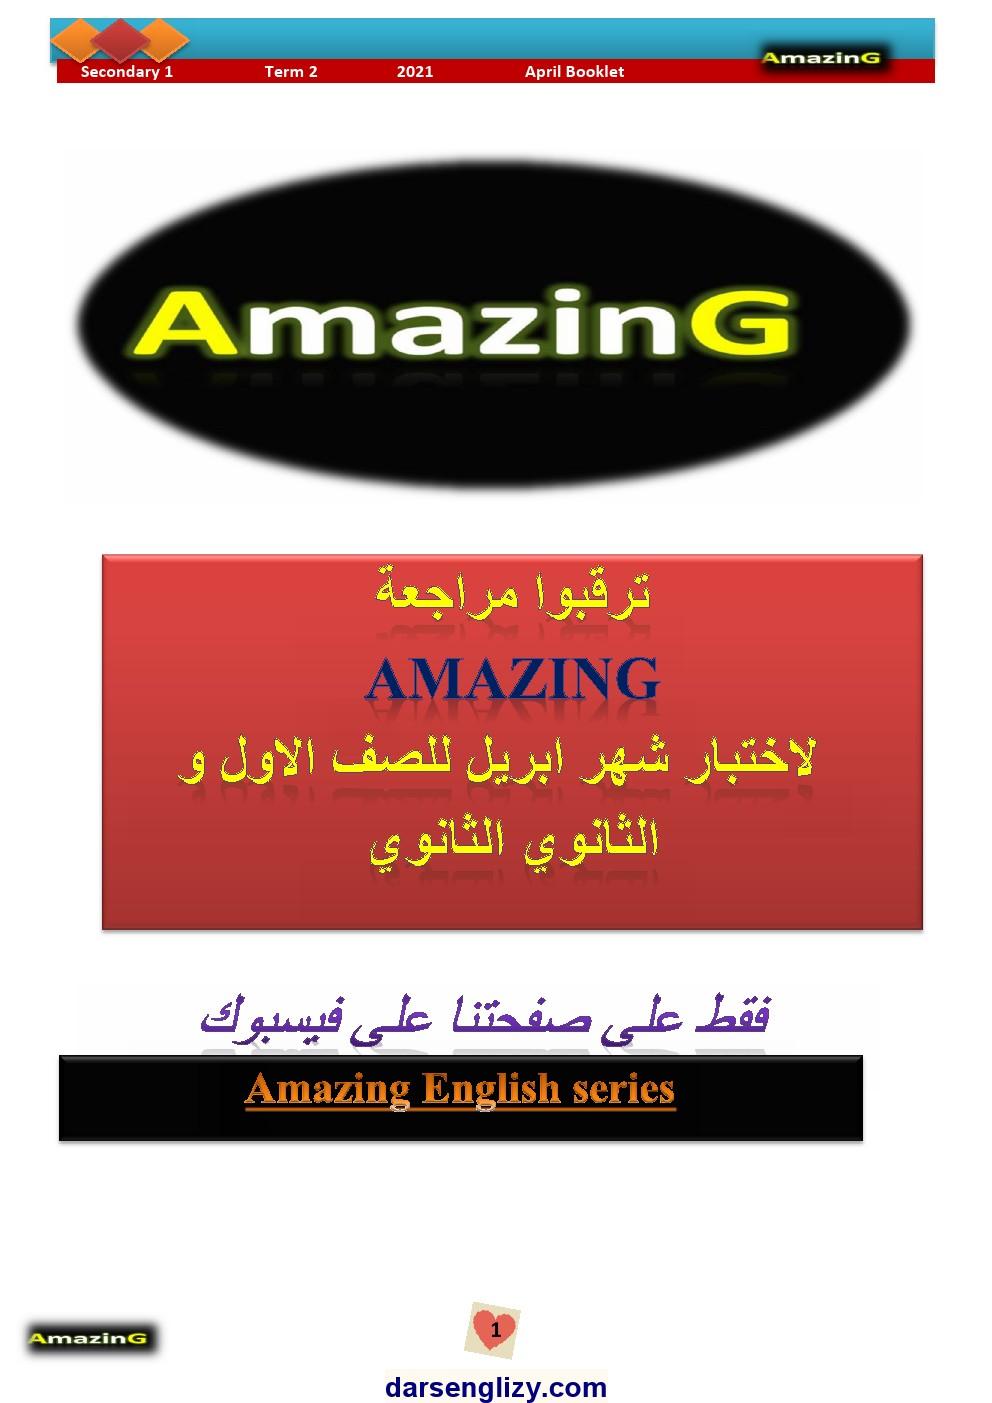 اقوى بوكليت مراجعة على منهج شهر ابريل فى اللغة الانجليزية للصف الاول الثانوى الترم الثانى 2021 (هدية من كتاب Amazing )